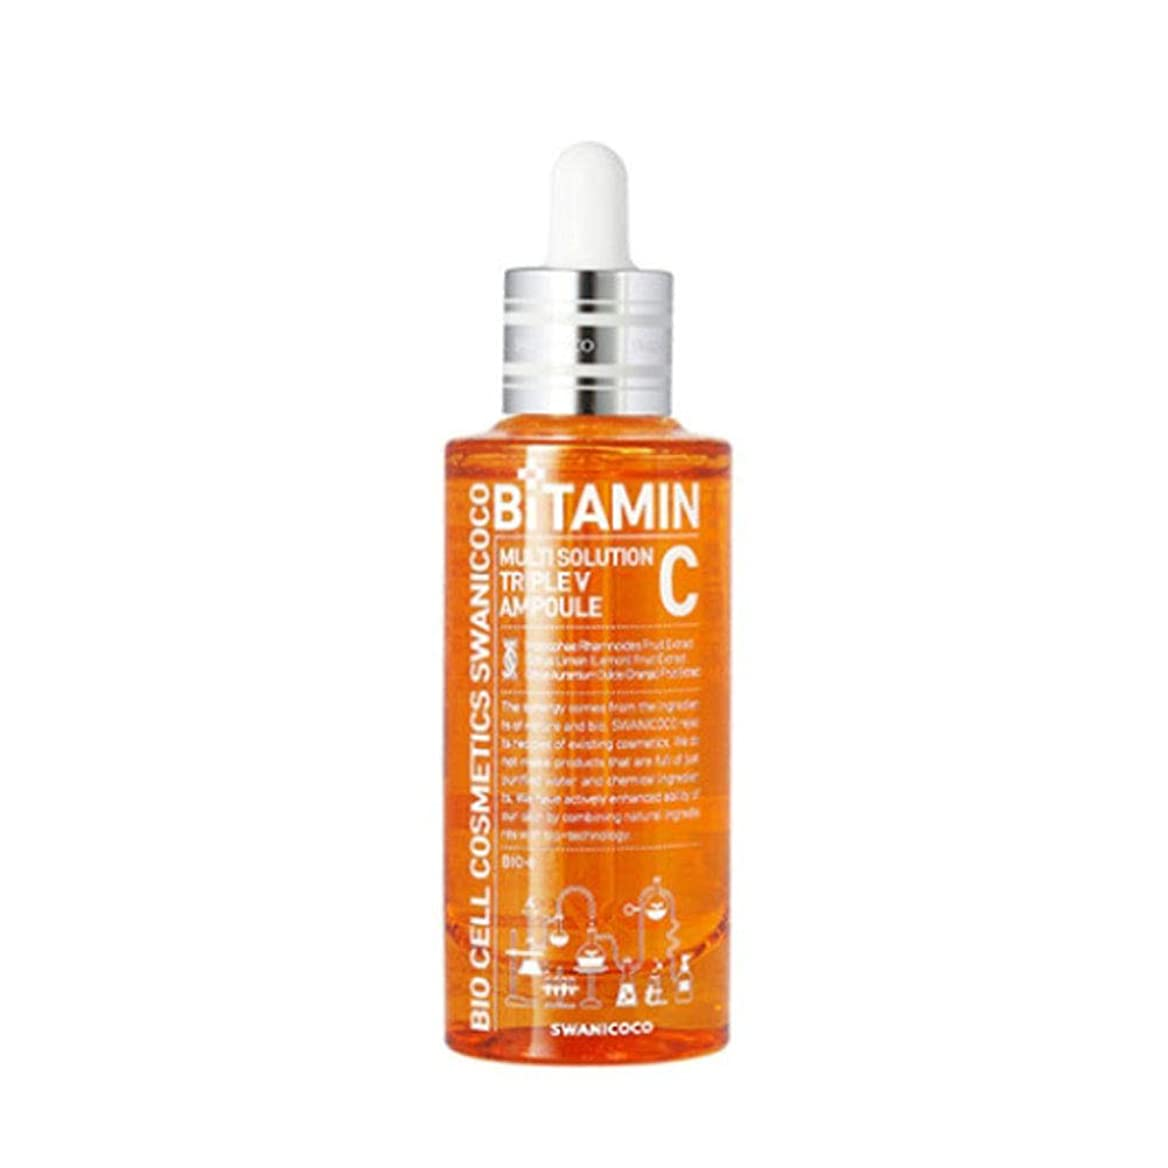 スワニーココマルチソリューショントリプルVアンプル50ml韓国コスメ、Swanicoco Multi Solution Triple V Ampoule 50ml Korean Cosmetics [並行輸入品]